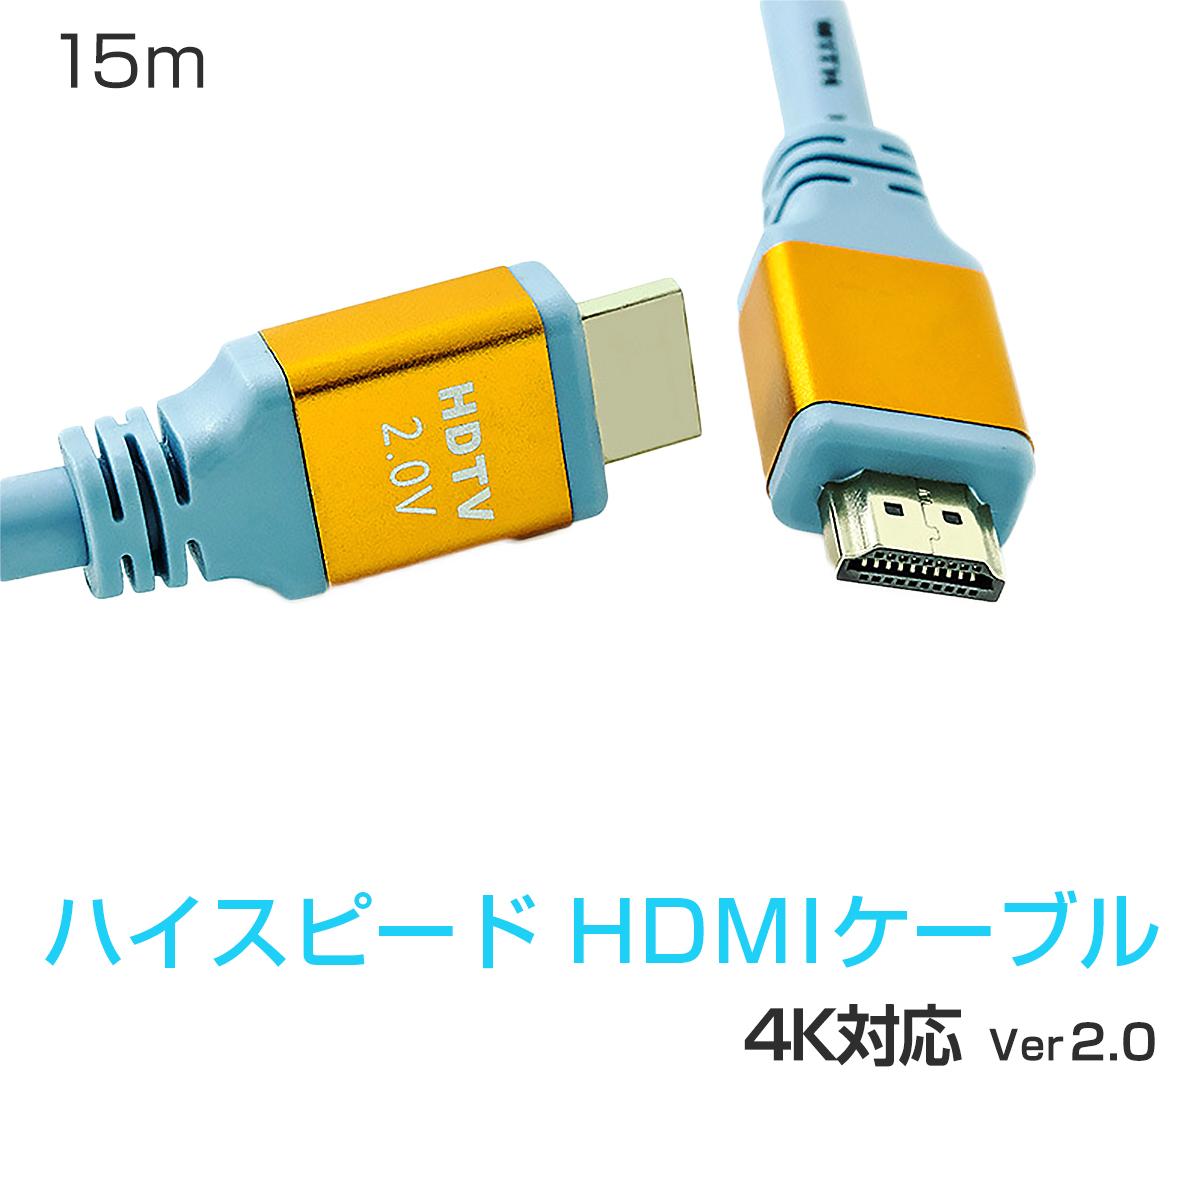 在庫処分HDMIケーブル ハイスピード Ver2.0 4K/60p UltraHD HDR 3D FHD HEC ARC 15m ノイズキャンセラー付き タイプAオス-タイプAオス 青 宅配便送料無料 1ヶ月保証 K&M